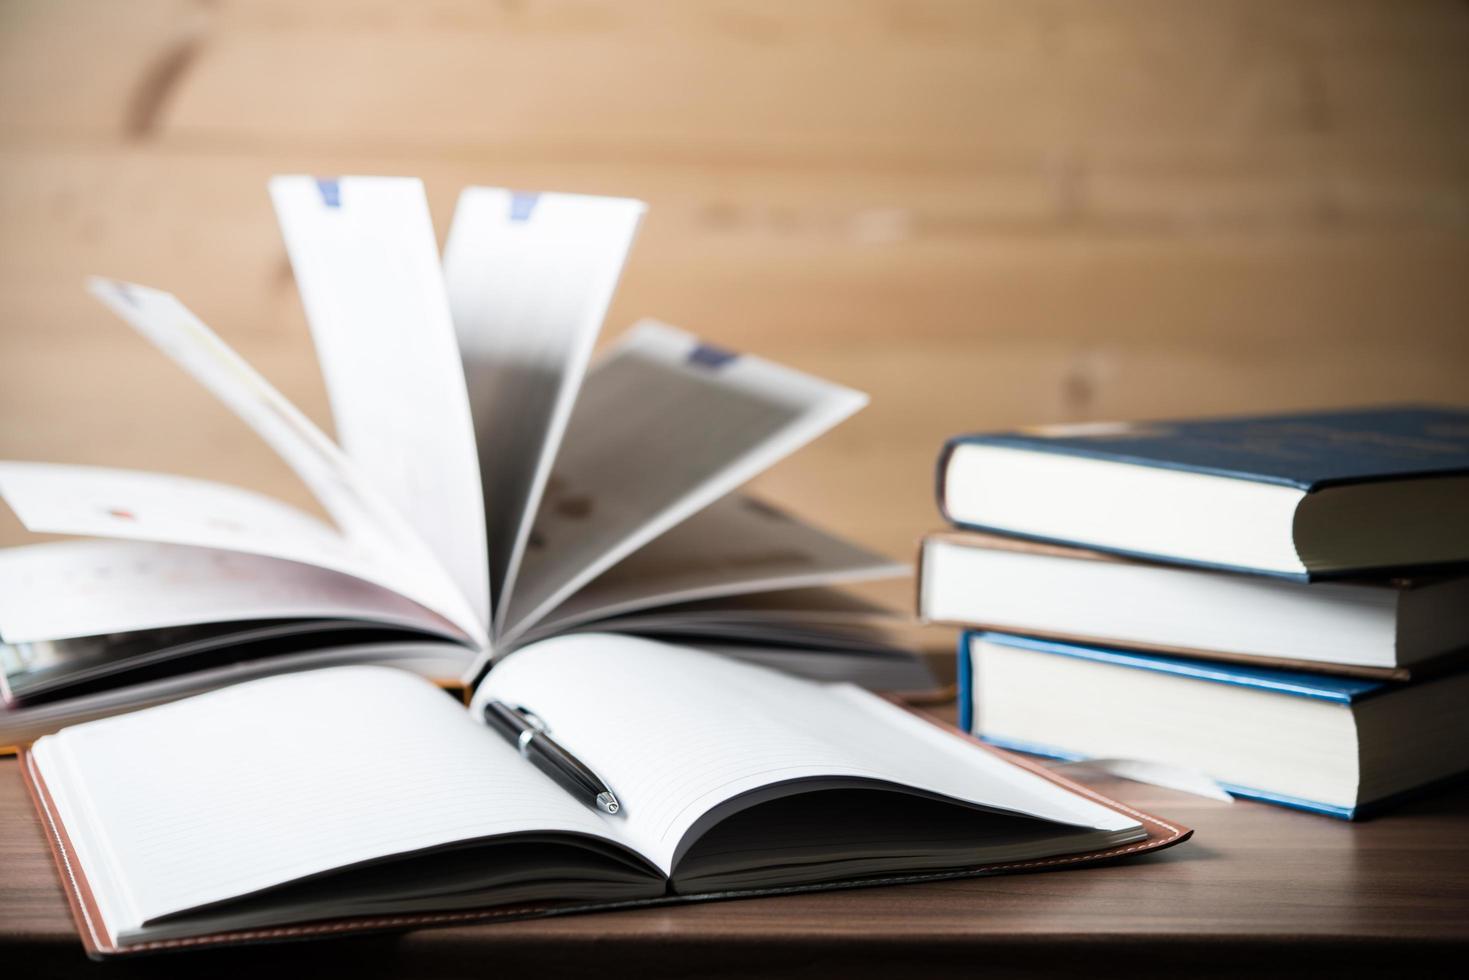 gros plan, de, livres ouverts, sur, table bois photo